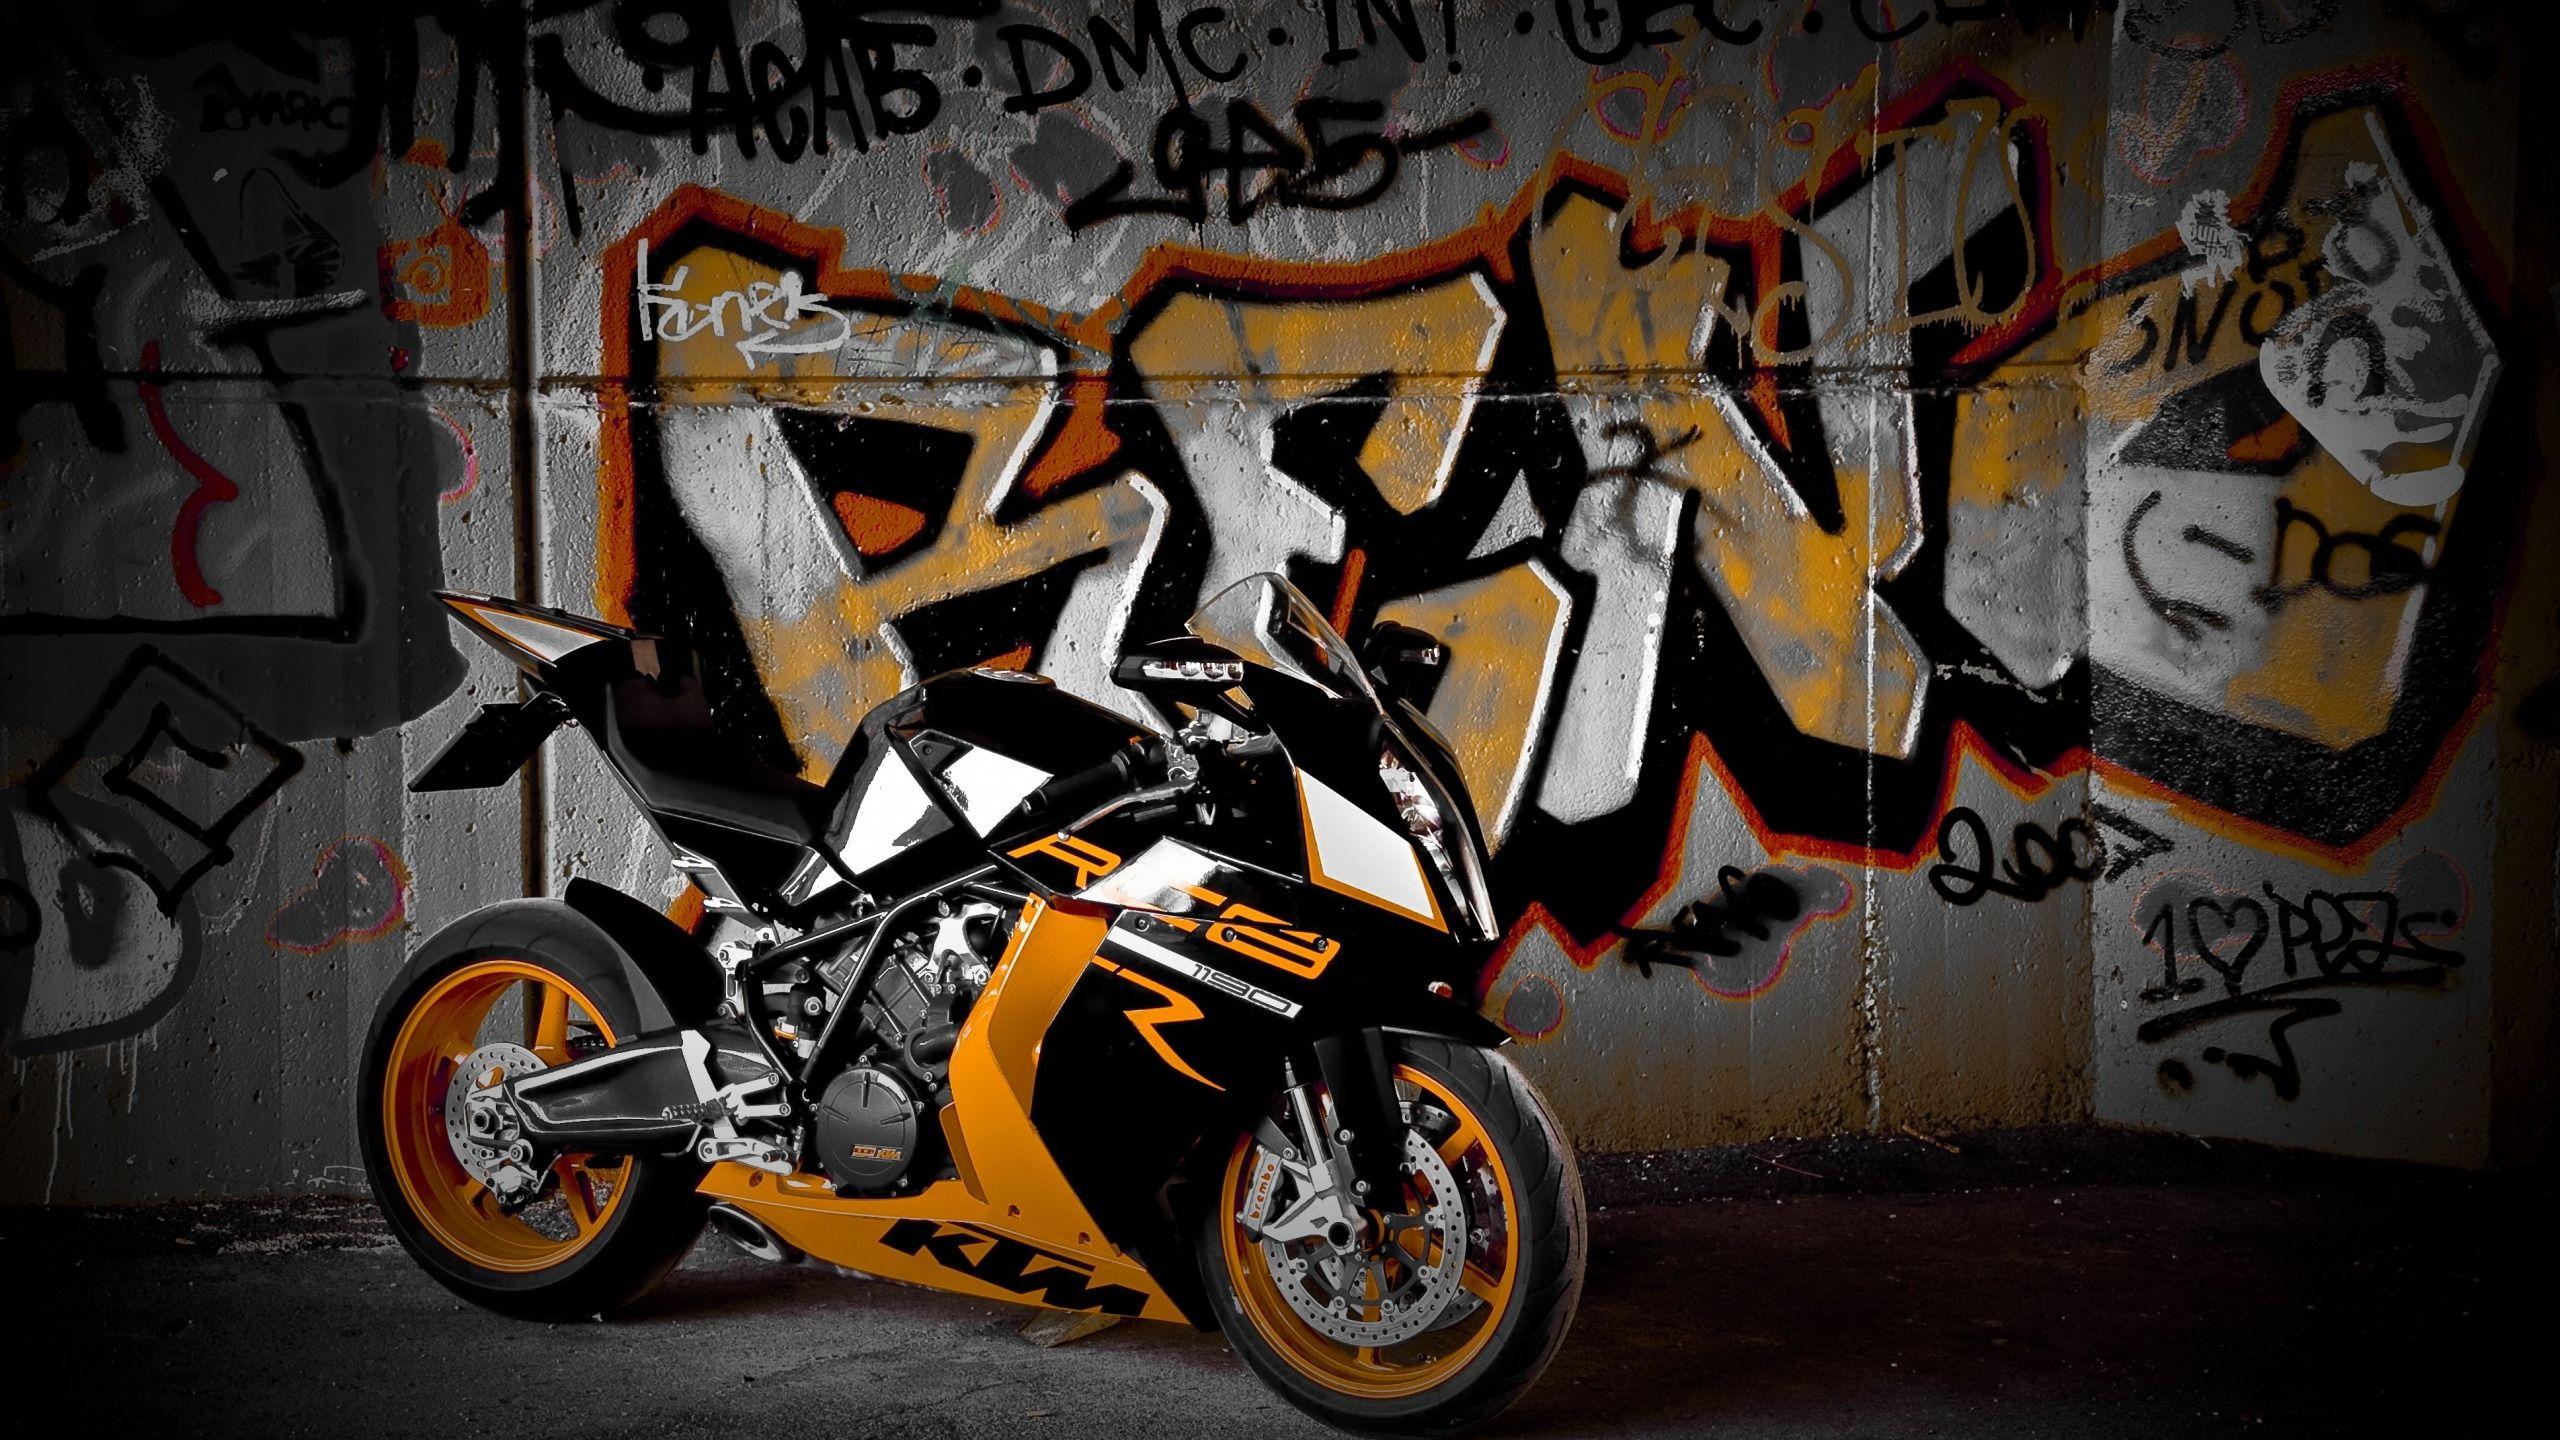 Обои Спортбайк, Мотоцикл, детали. Мотоциклы foto 14